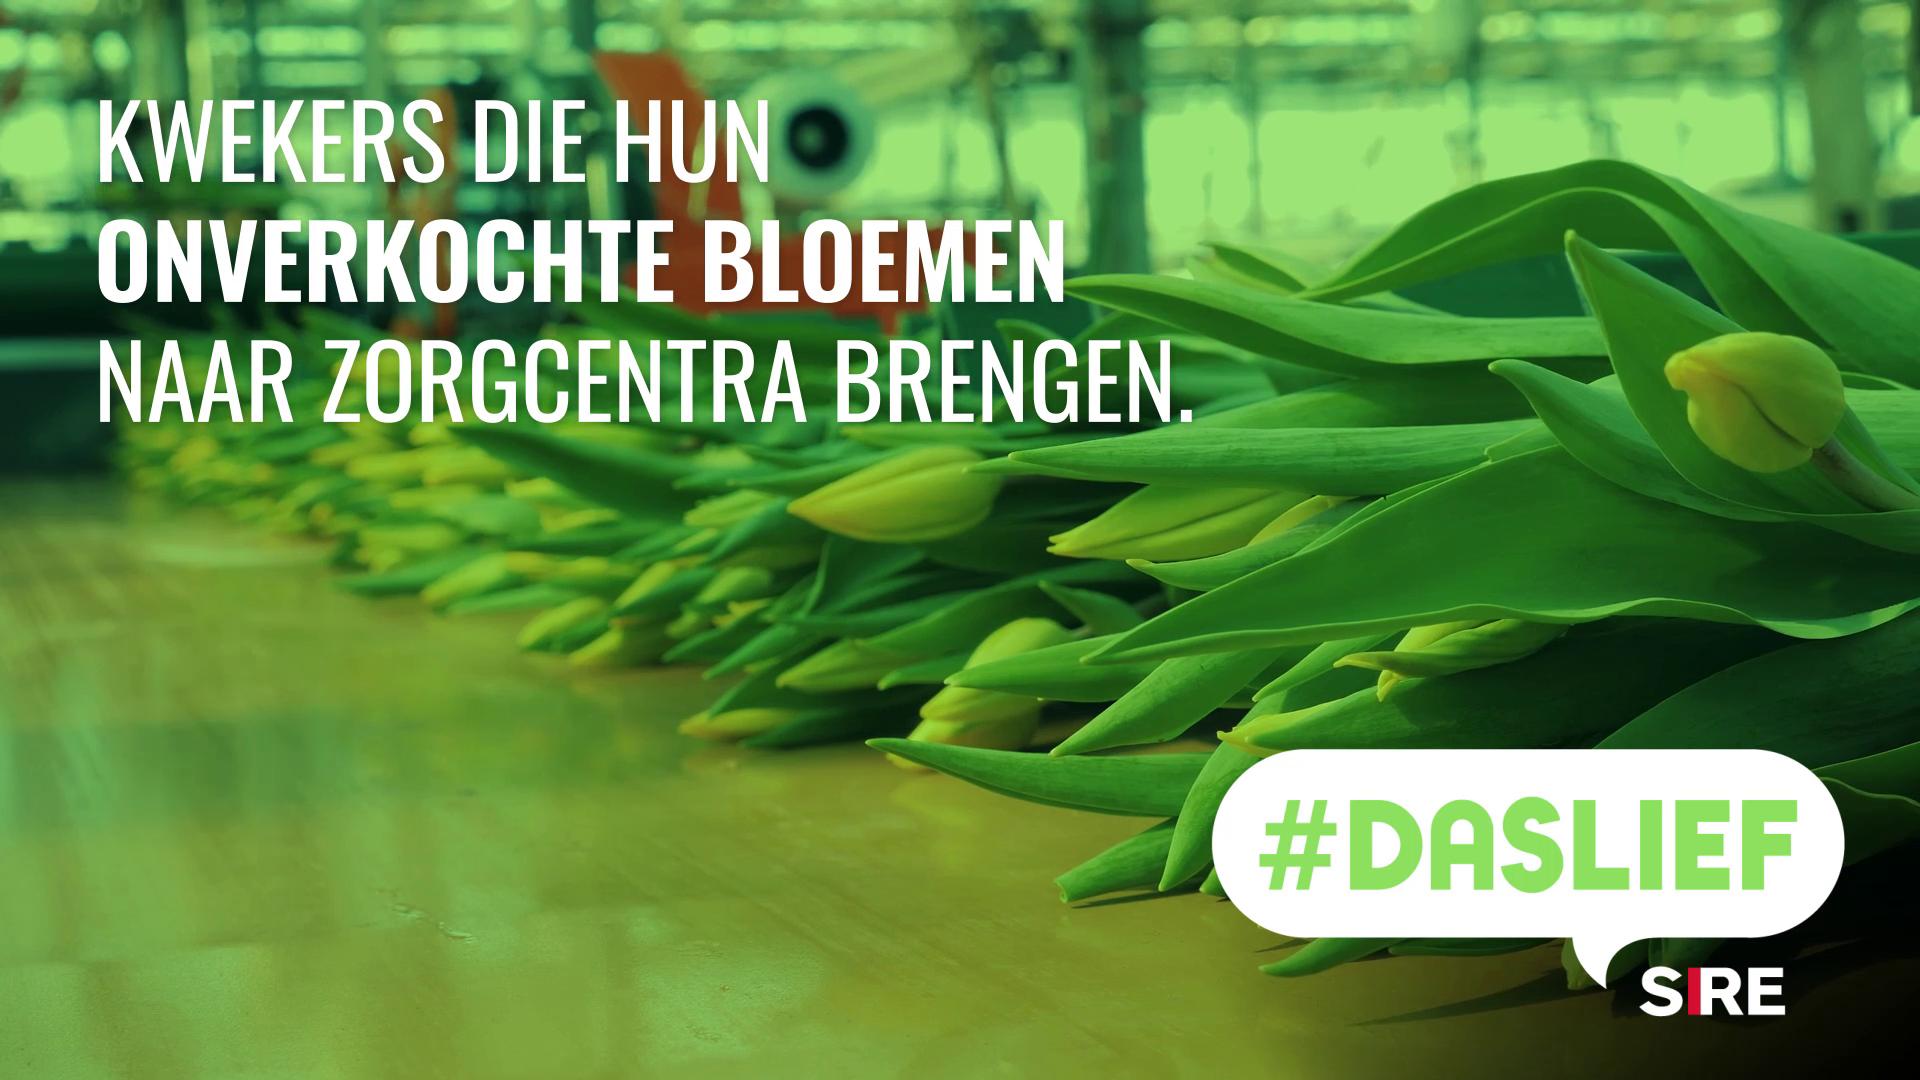 SIRE #DASLIEF